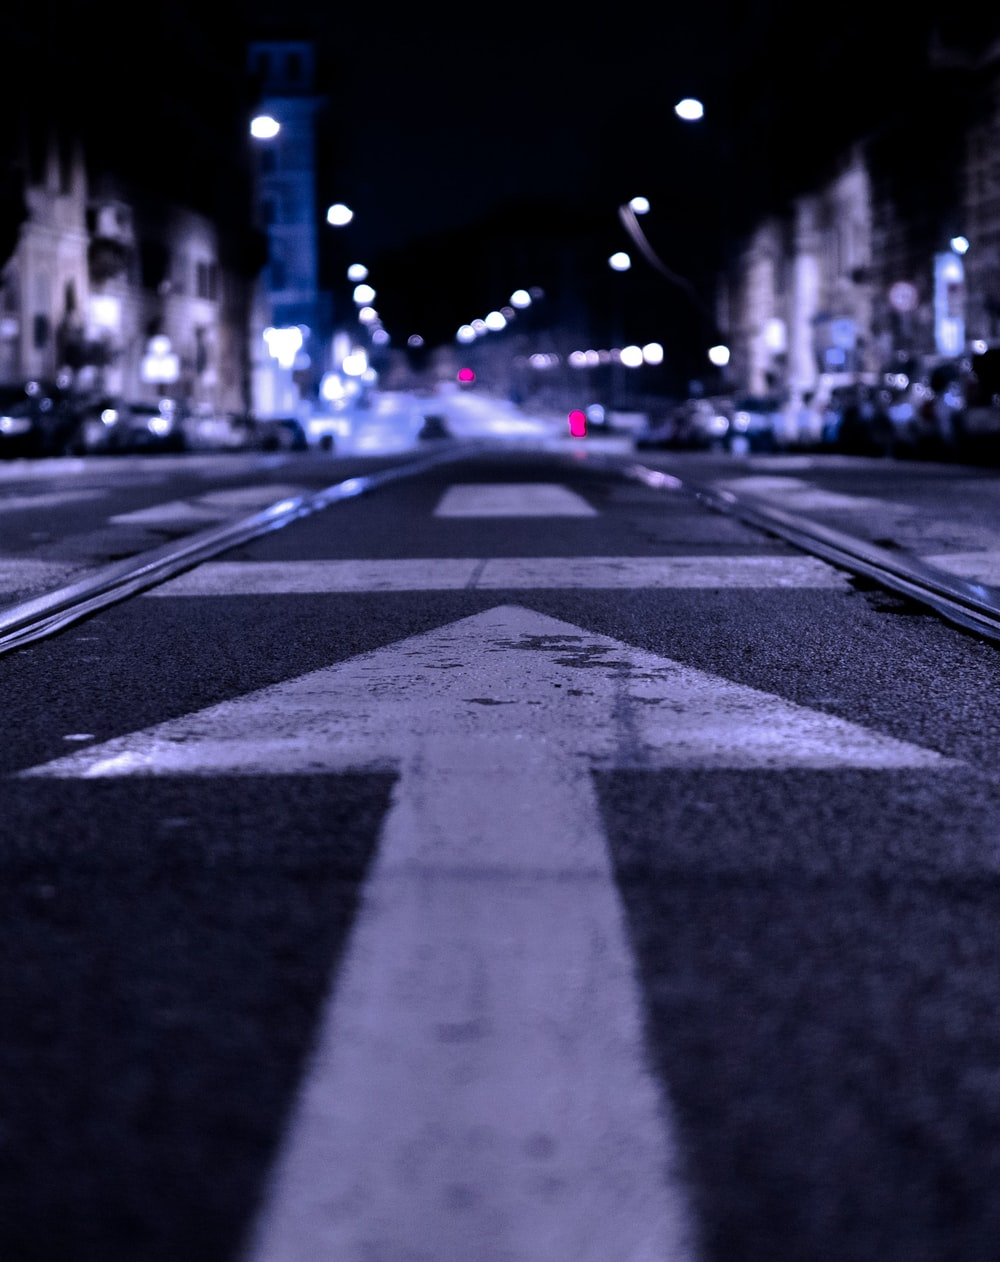 前方矢印のイラストが付いた道路の浅いフォーカスの写真